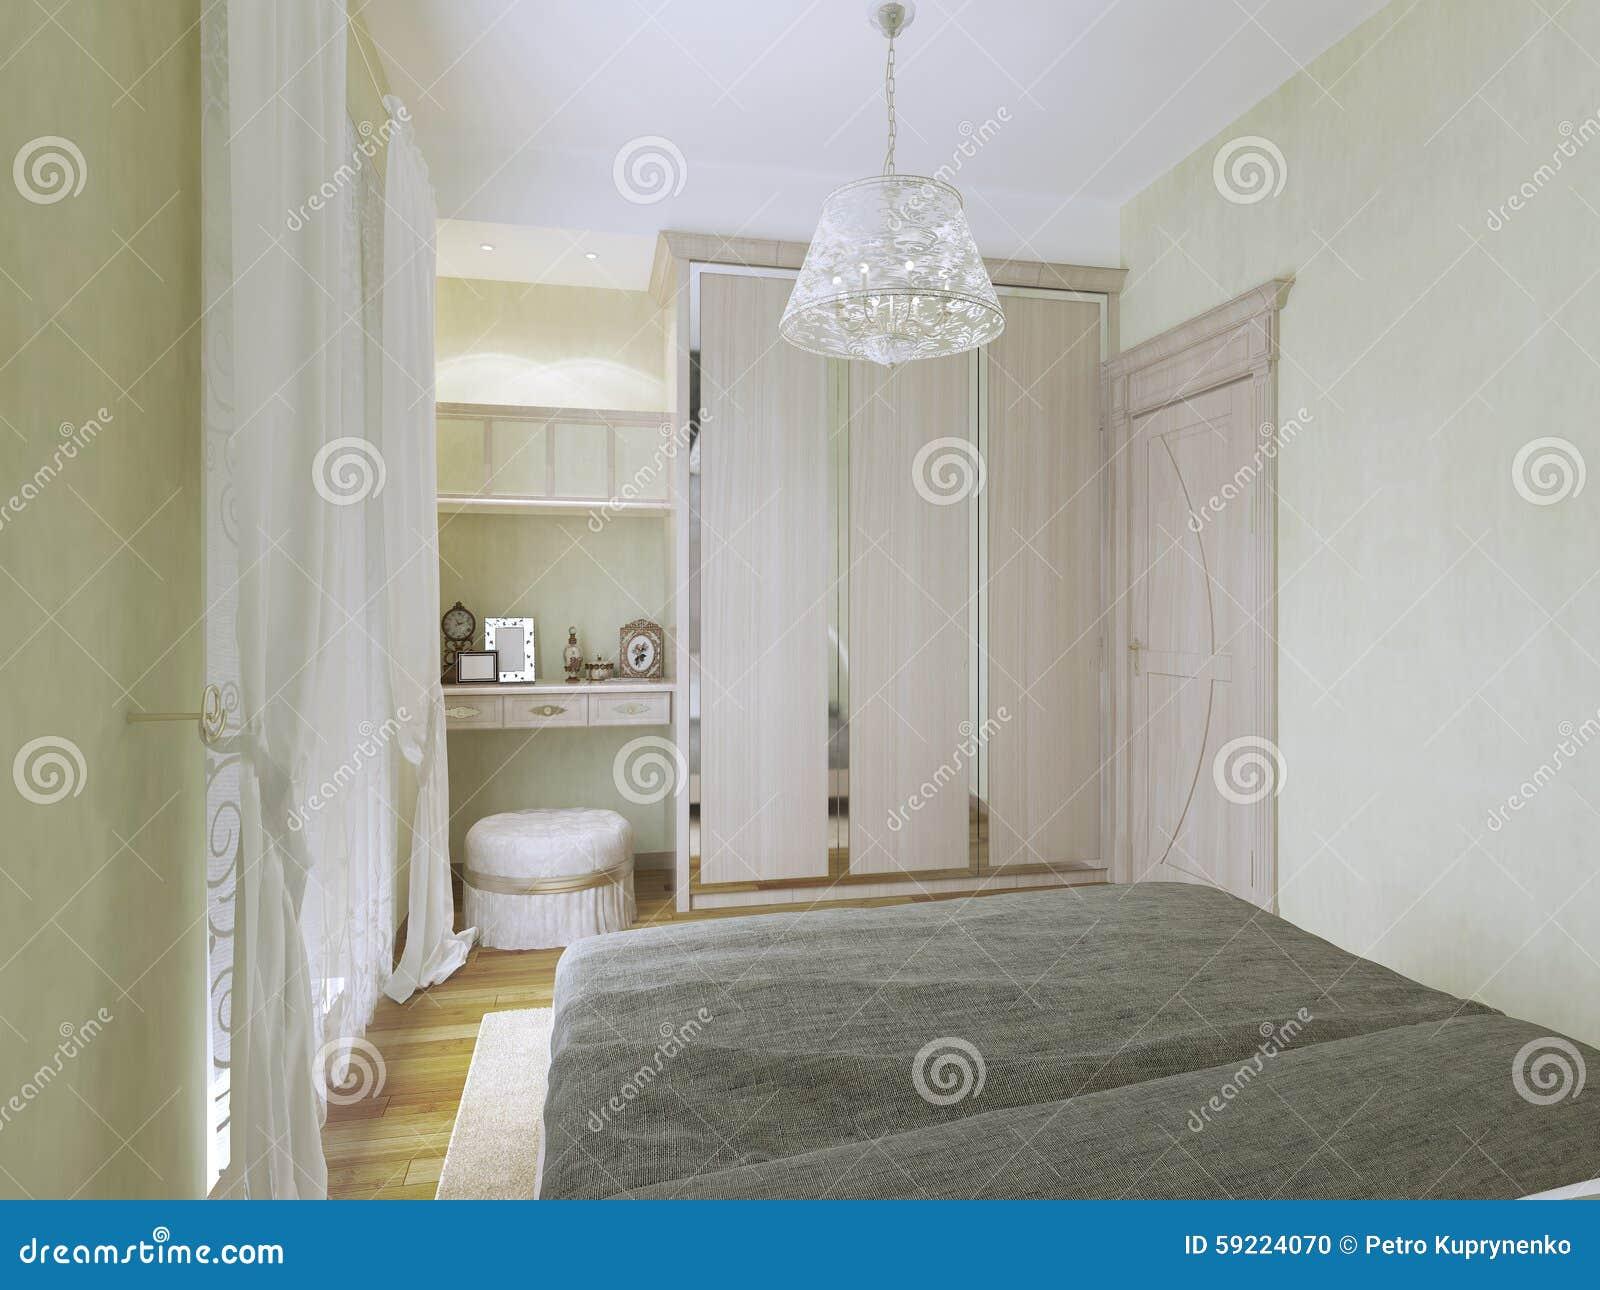 vista del tocador y del guardarropa en dormitorio moderno foto de archivo